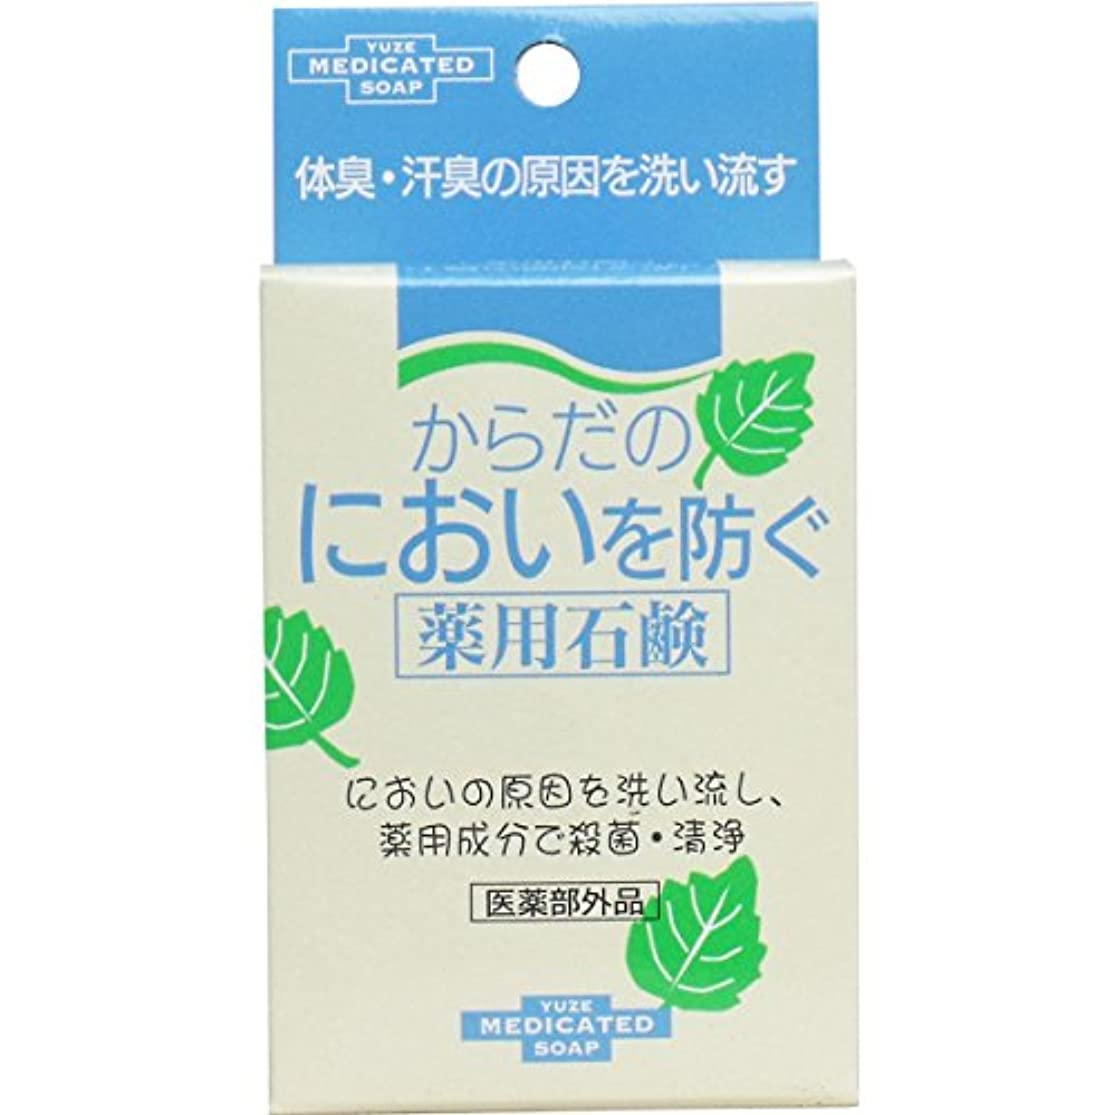 日焼け週末処方ユゼ からだのにおいを防ぐ薬用石鹸 7セット